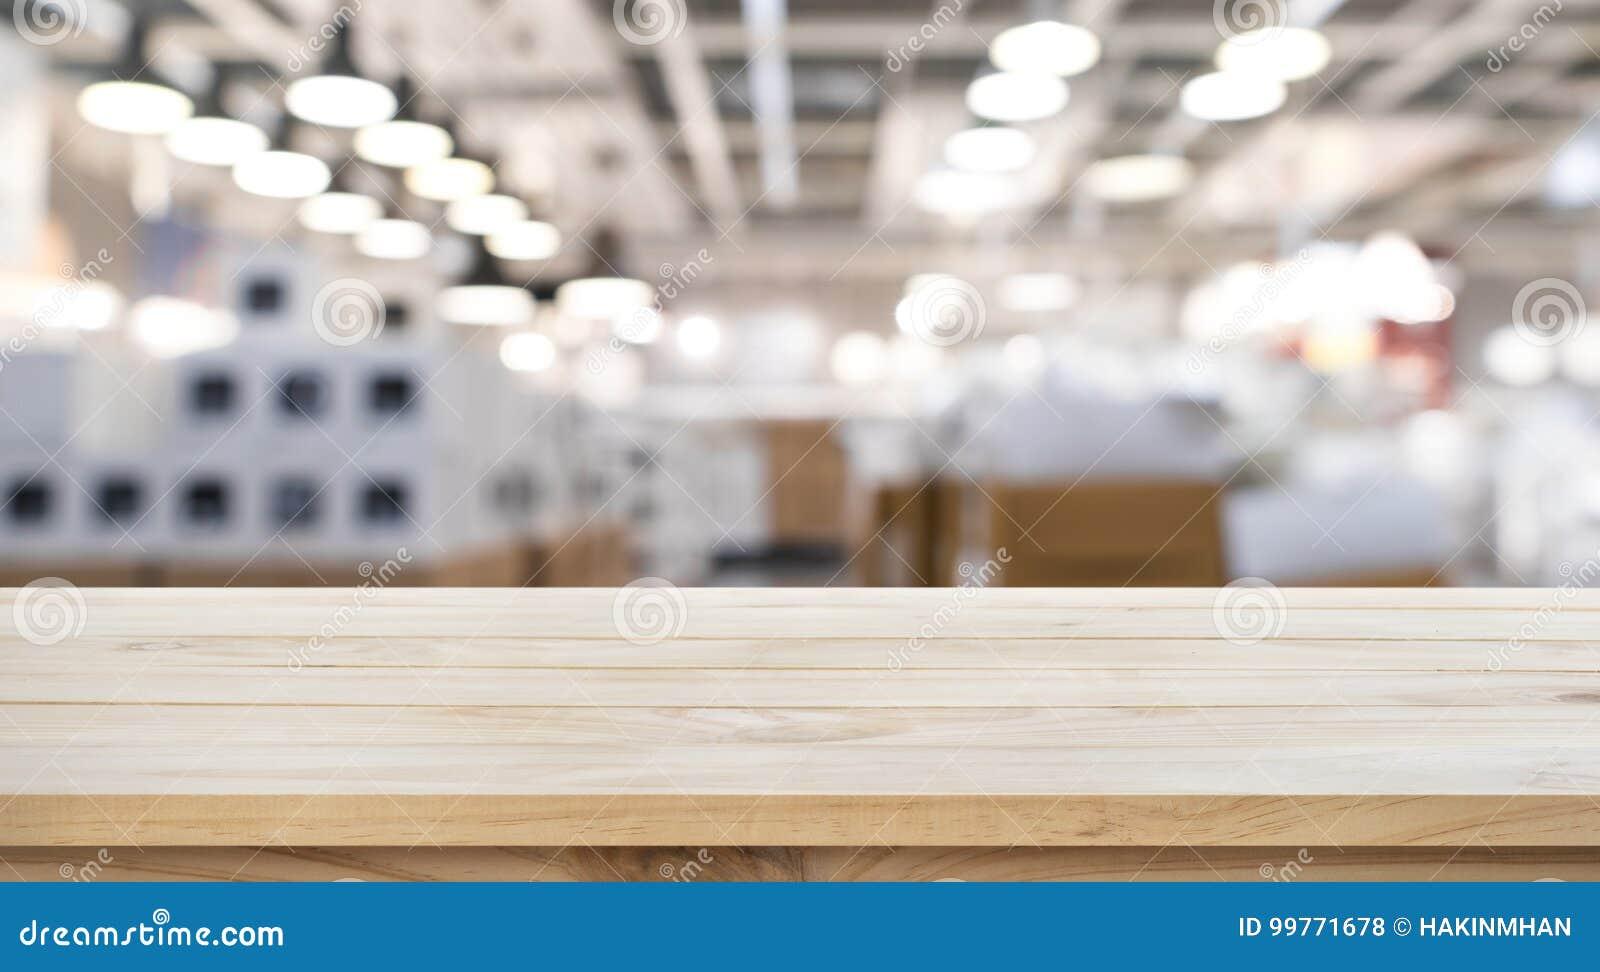 Leeg van houten lijstbovenkant op de fabrieksachtergrond van de onduidelijk beeldopslag